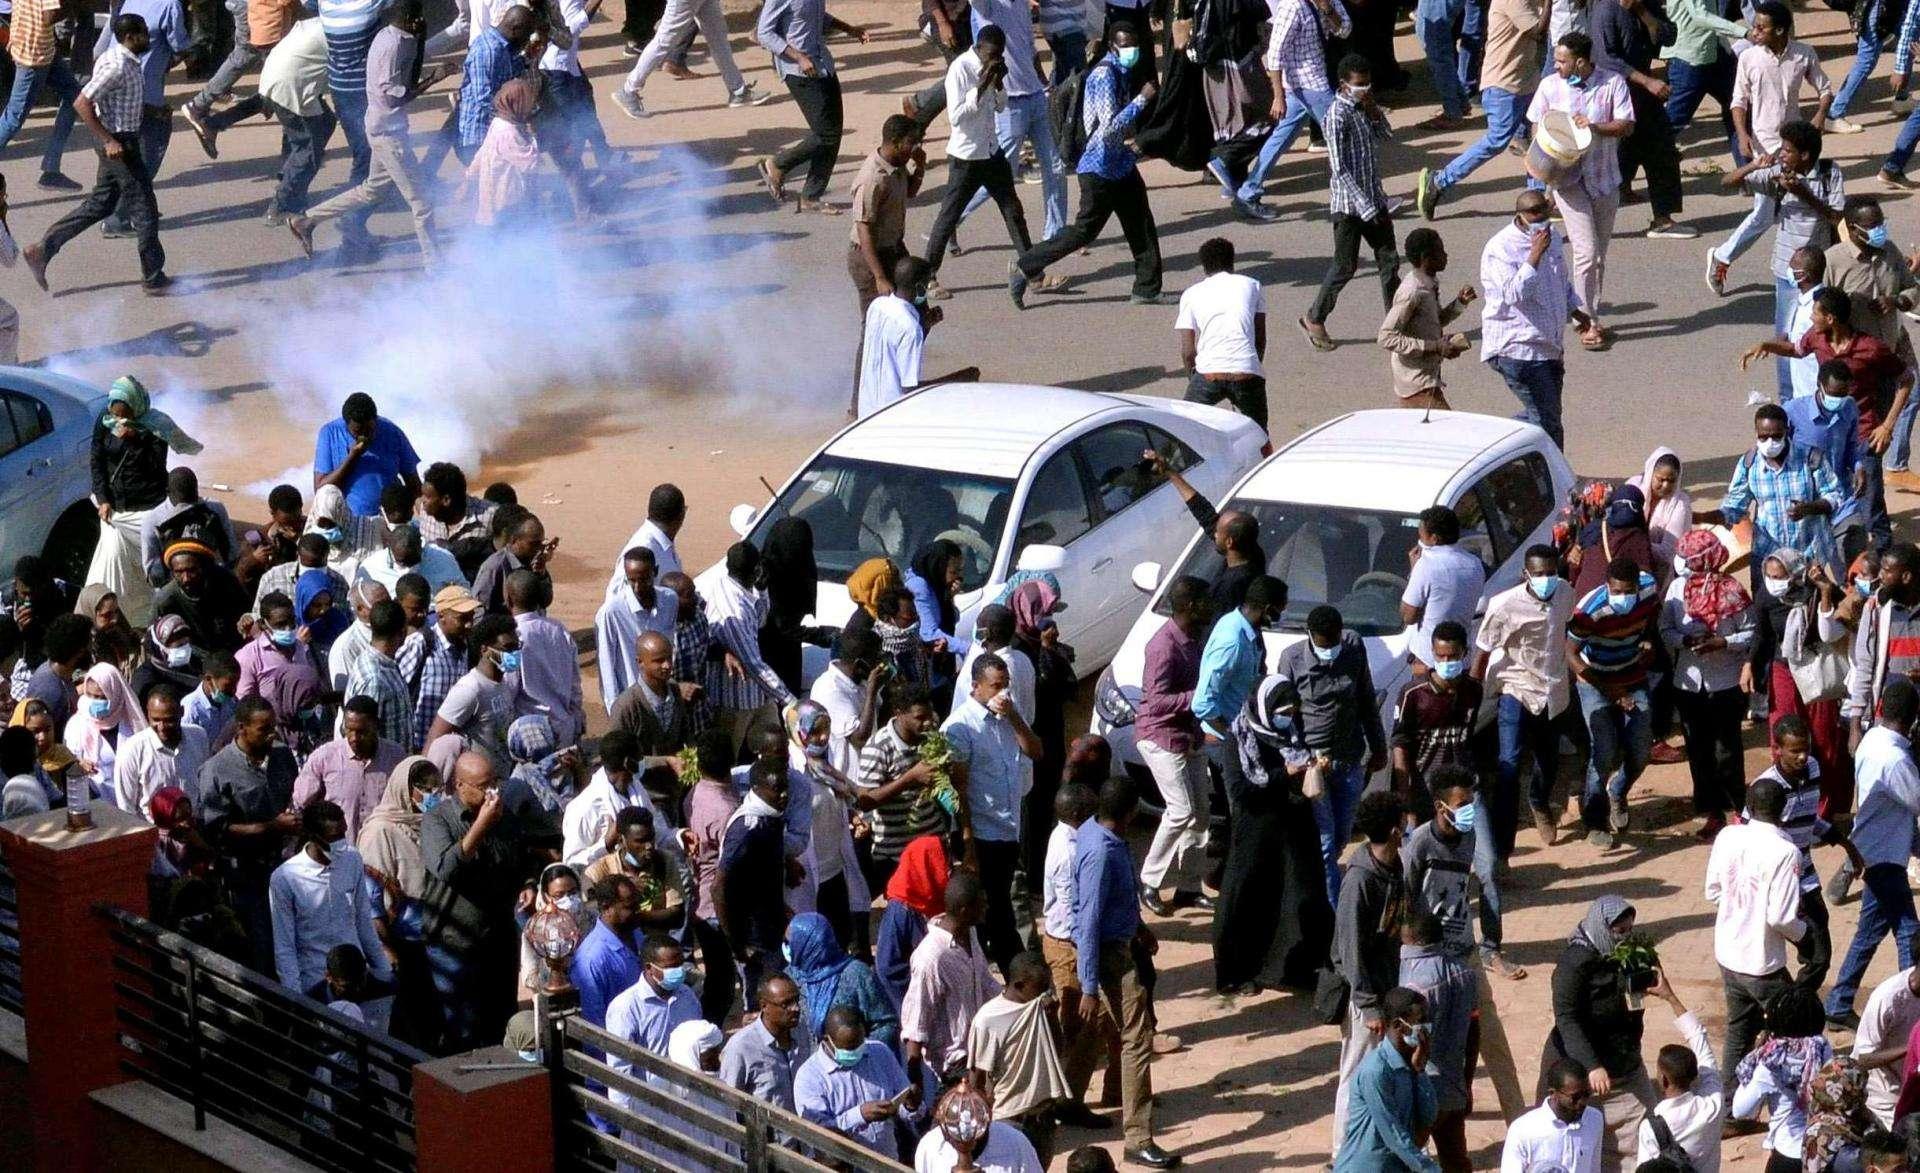 Le Soudan s'attaque systématiquement aux journalistes et aux manifestants, et le traitement pacifiquement de leurs demandes est requis